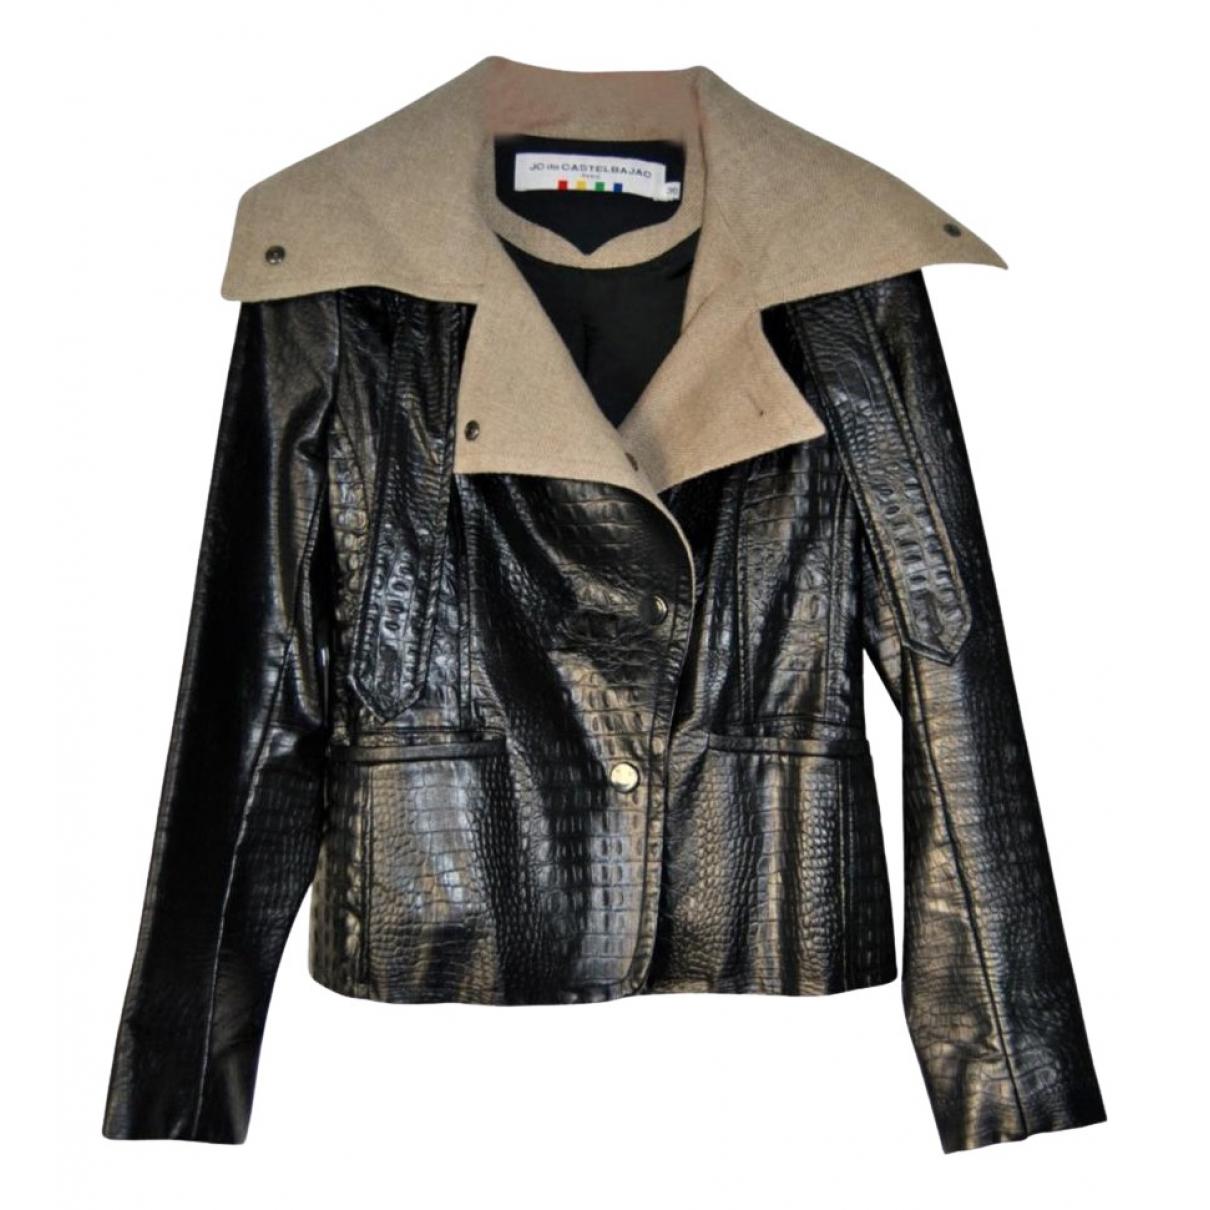 Jc De Castelbajac \N Black jacket for Women 36 FR